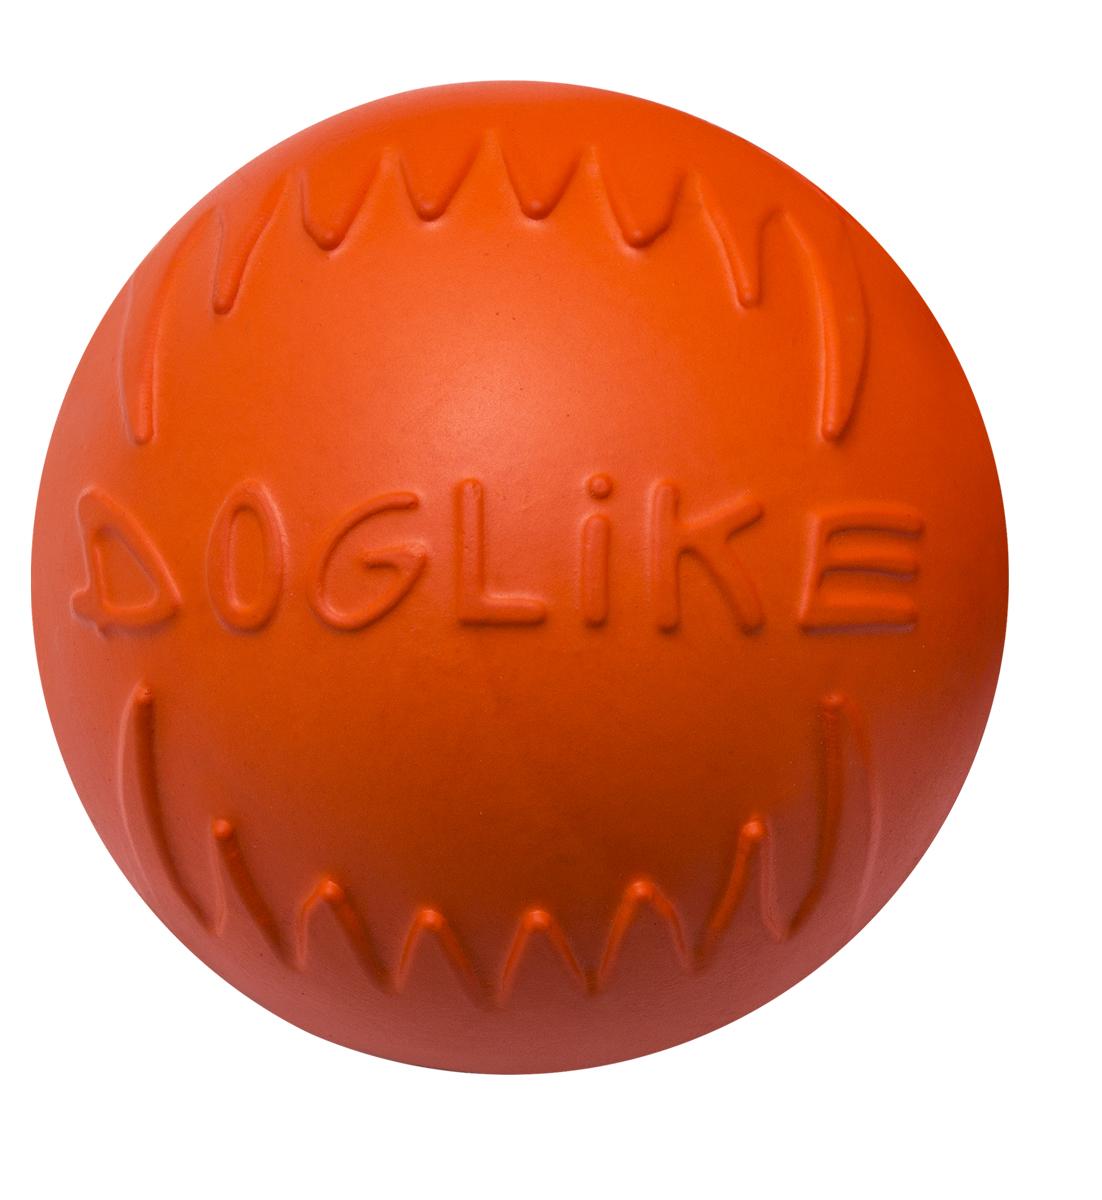 Игрушка для животных Doglike Мяч, диаметр 8,5 смC169220SDoglike Мяч - простая и незамысловатая игрушка для собак, которая способна решить многие проблемы здоровья вашего четвероногого любимца. Мяч выполнен из ЭВА.Если ваш пес портит мебель, излишне агрессивен, непослушен или страдает излишним весом то, скорее всего, корень всех бед кроется в недостаточной физической и эмоциональной нагрузке. Порадуйте своего питомца прекрасным и качественным подарком.- Сохраняет эластичность -50 +50;- Усиленная формула материала;- Не тонет в воде. Безопасно для зубов собаки;- Экологически чистый материал.Диаметр игрушки: 8,5 см.